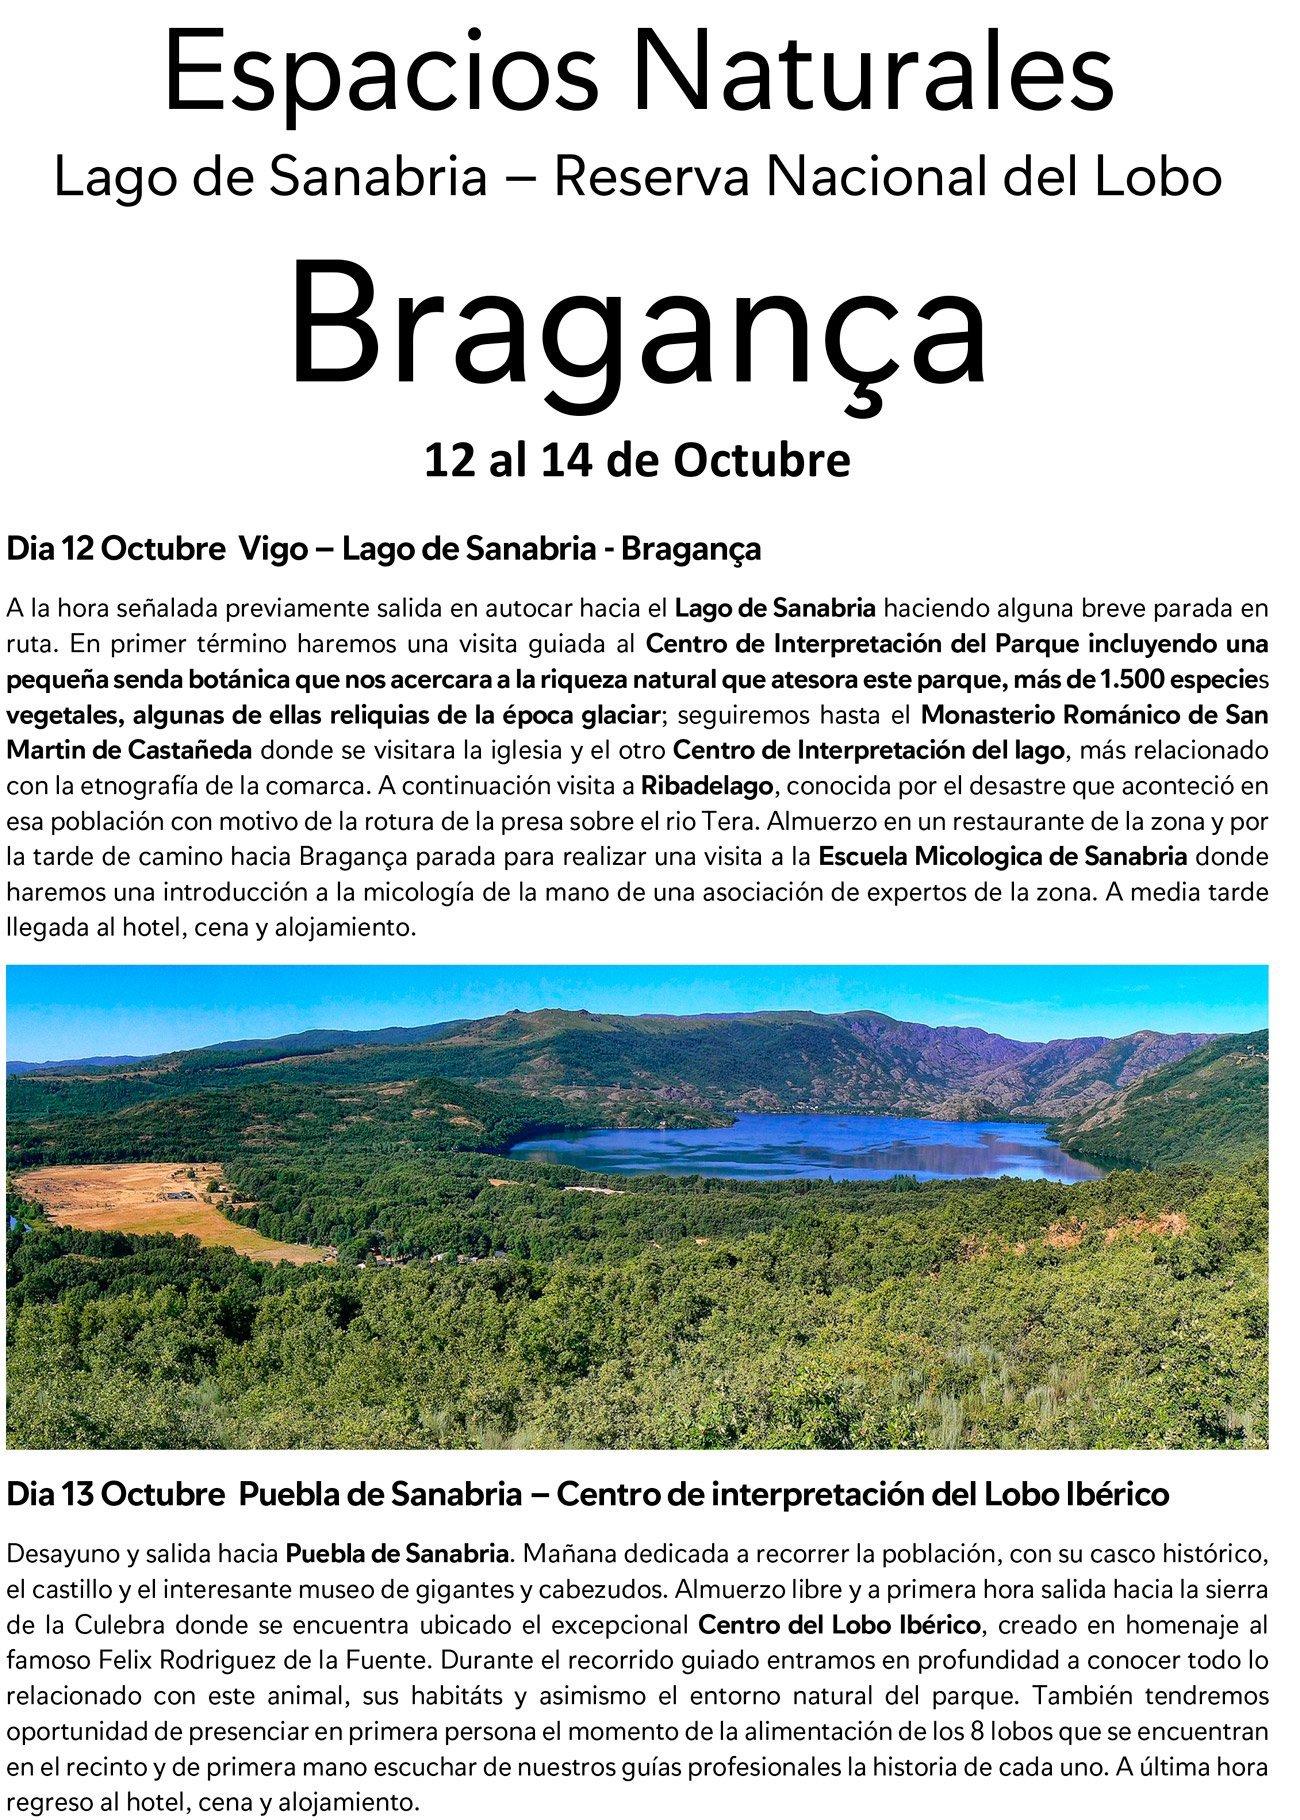 Bragança 12 al 14 de Octubre